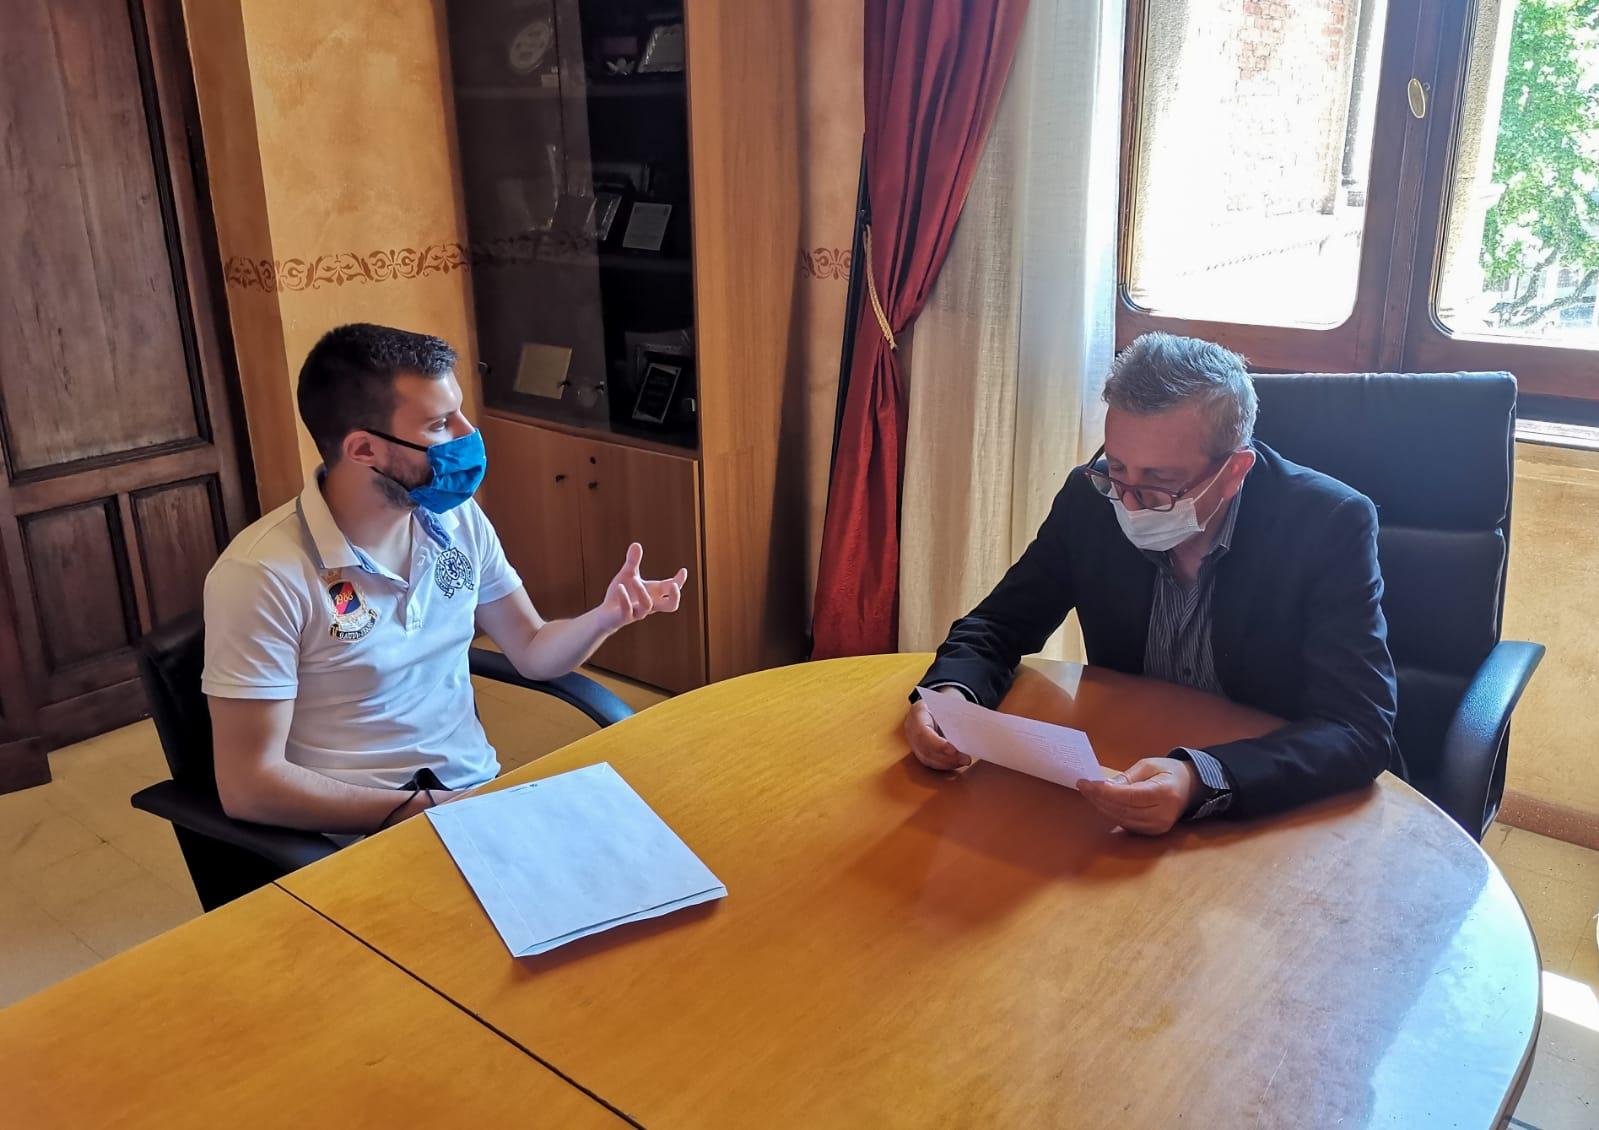 Proseguono i momenti di confronto tra l'Amministrazione cittadina ed i ragazzi di Avezzano, all'insegna di un rinnovato spirito di ascolto e collaborazione